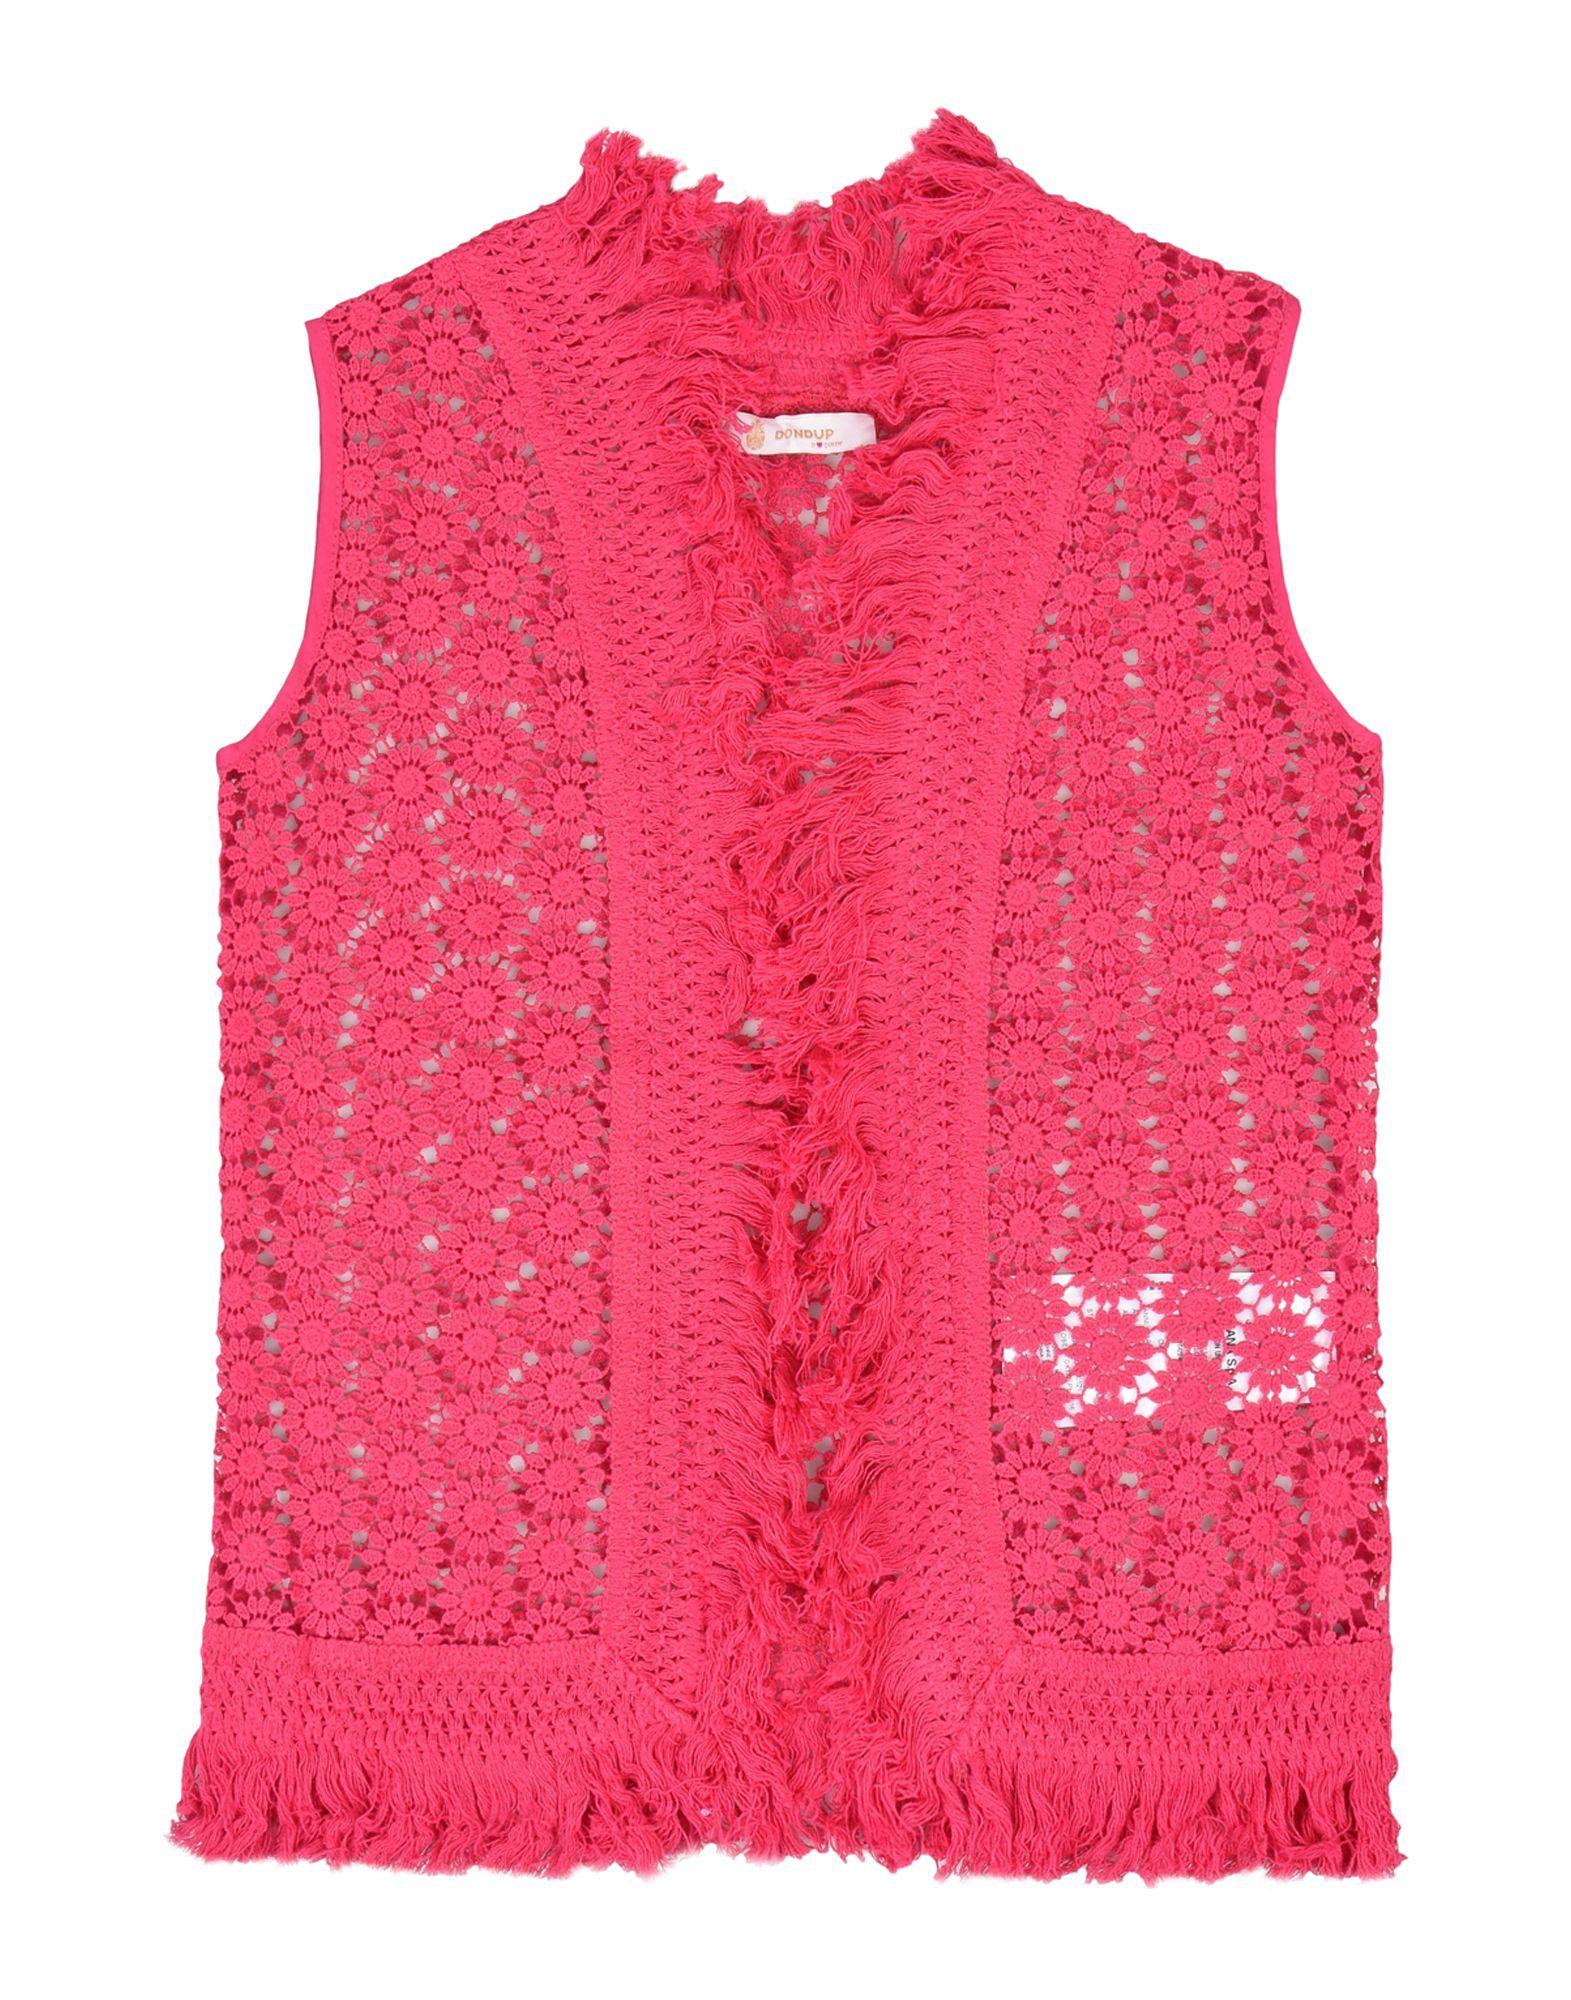 DONDUP DQUEEN Mädchen 9-16 jahre Strickjacke Farbe Fuchsia Größe 6 jetztbilligerkaufen